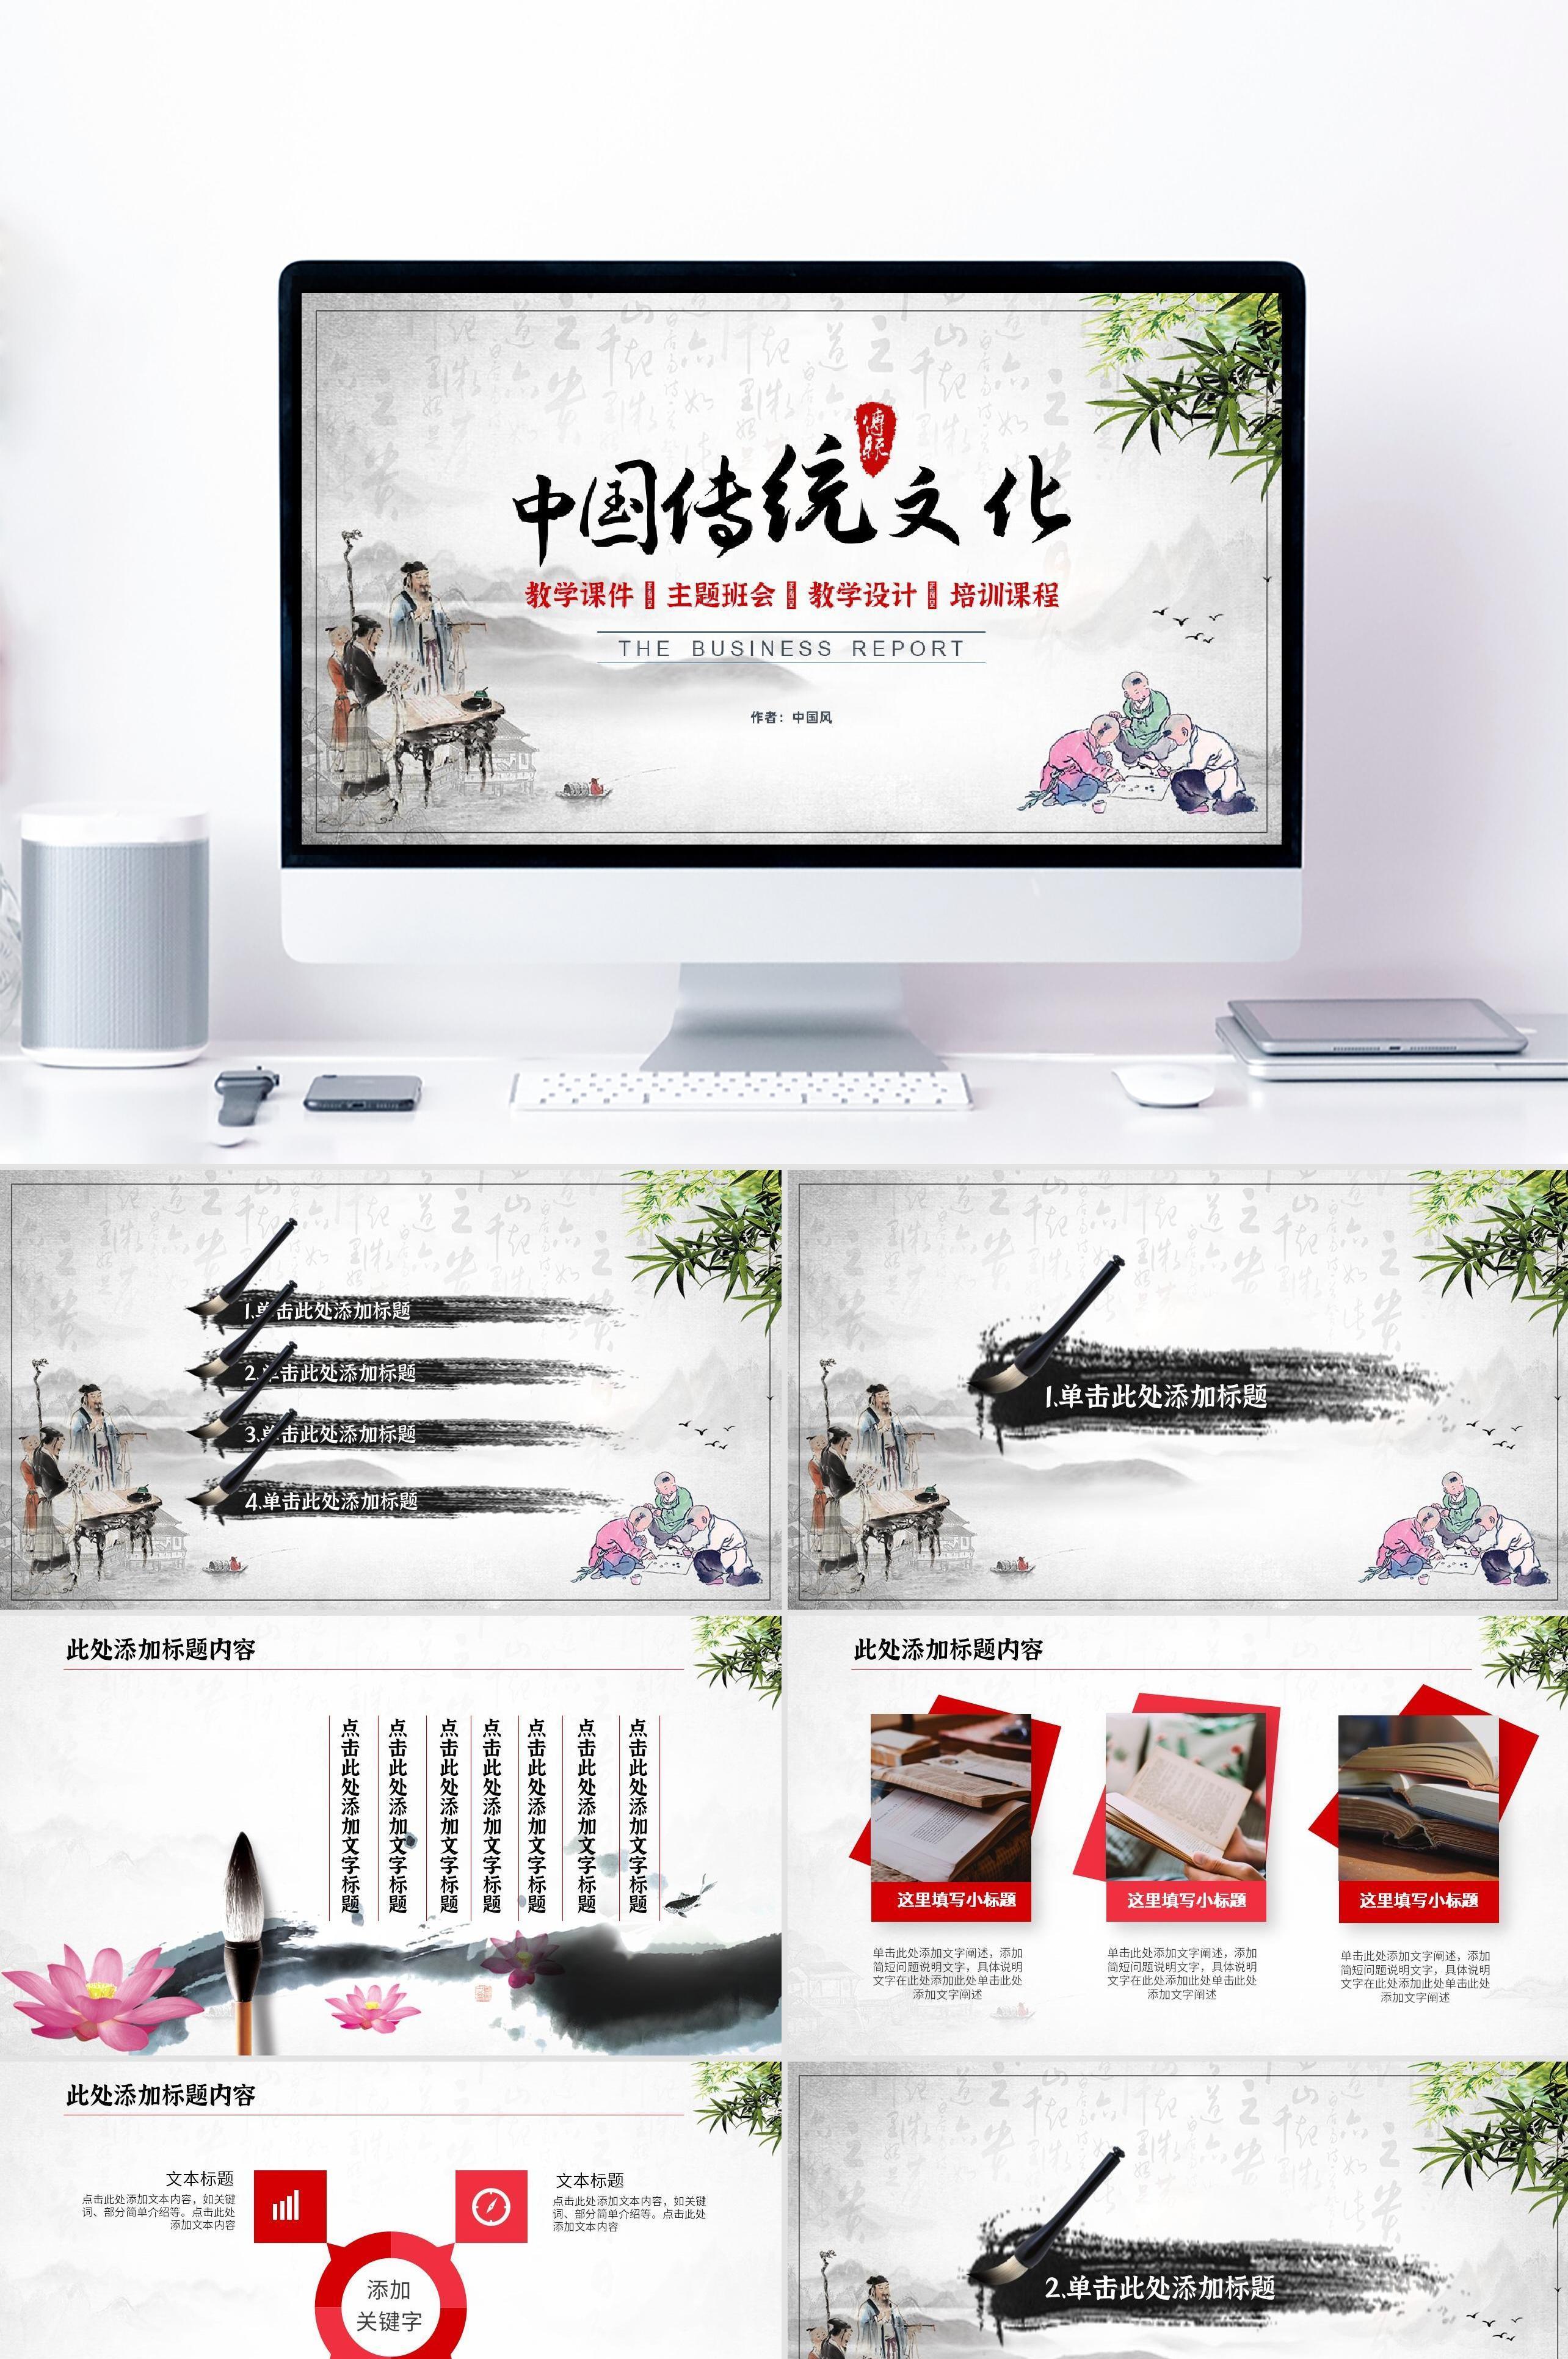 红色水墨中国传统文化主题班会PPT模板